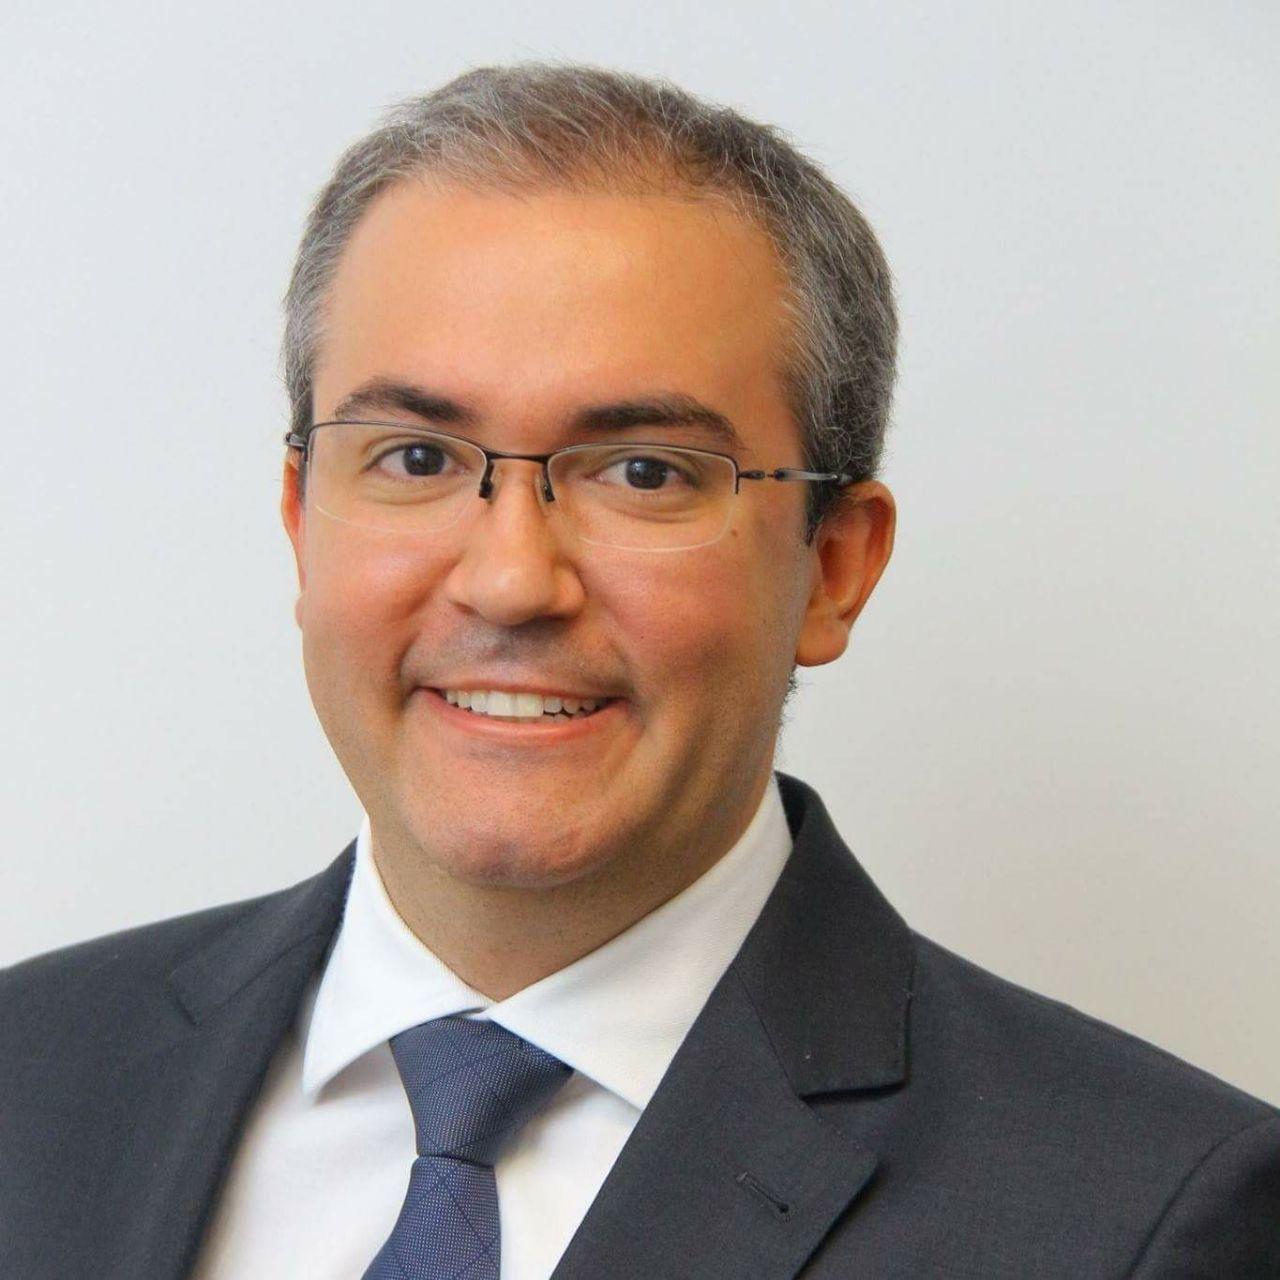 Leopoldo Lopes